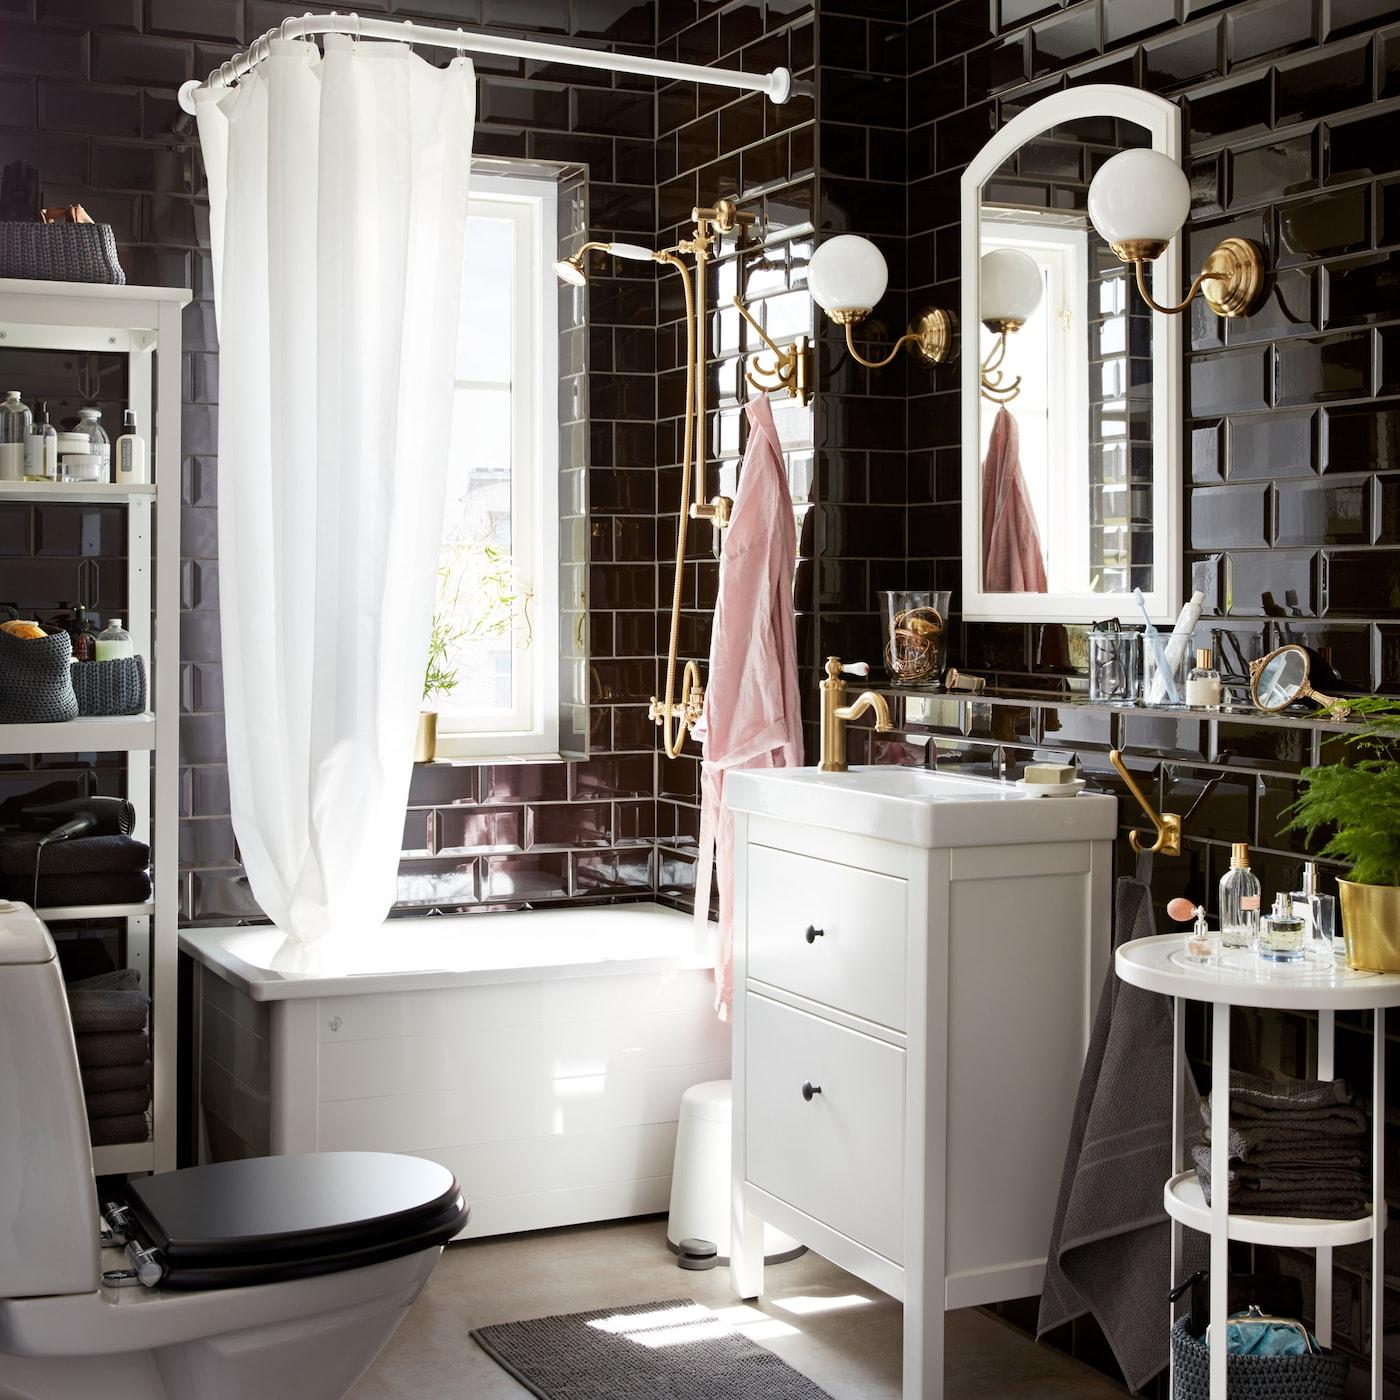 Klassinen kylpyhuone, jossa mustat laatat ja valkoiset kalusteet.